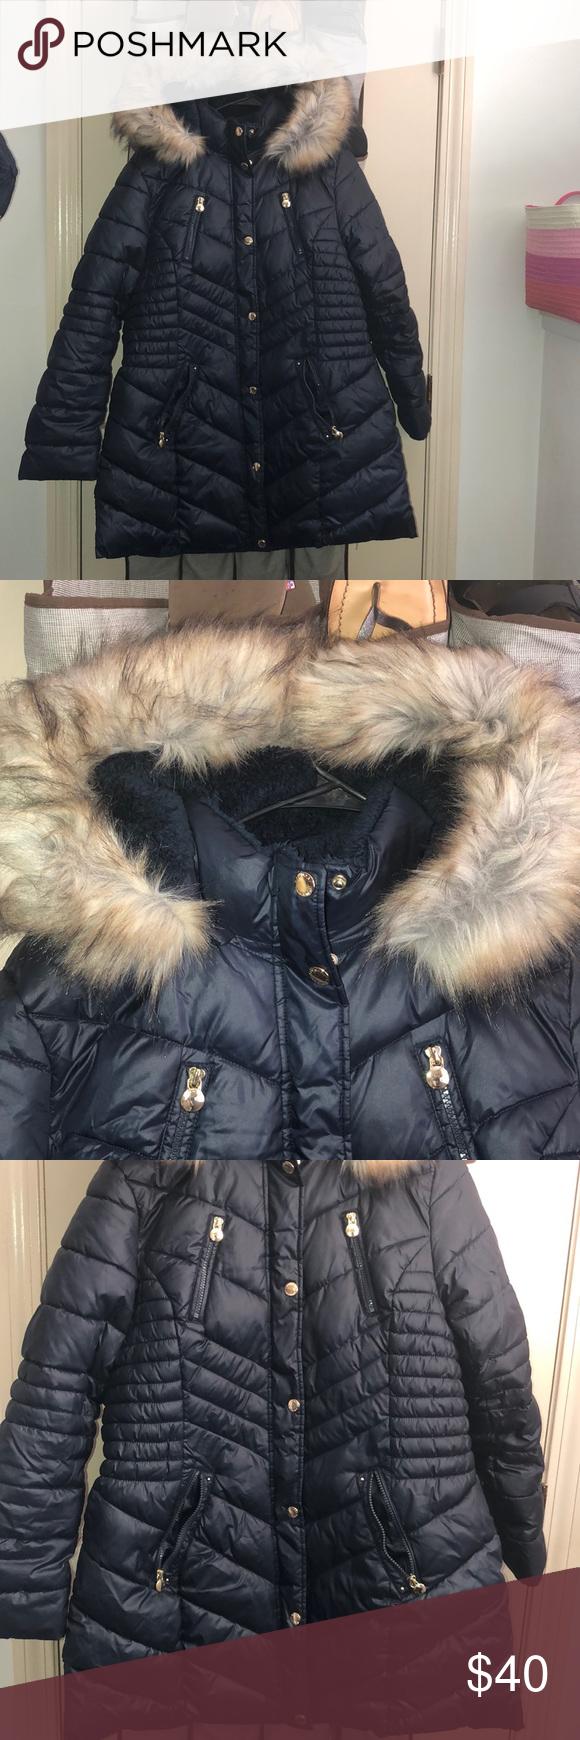 Laundry Long Winter Coat Long Winter Coats Winter Coat Long Winter